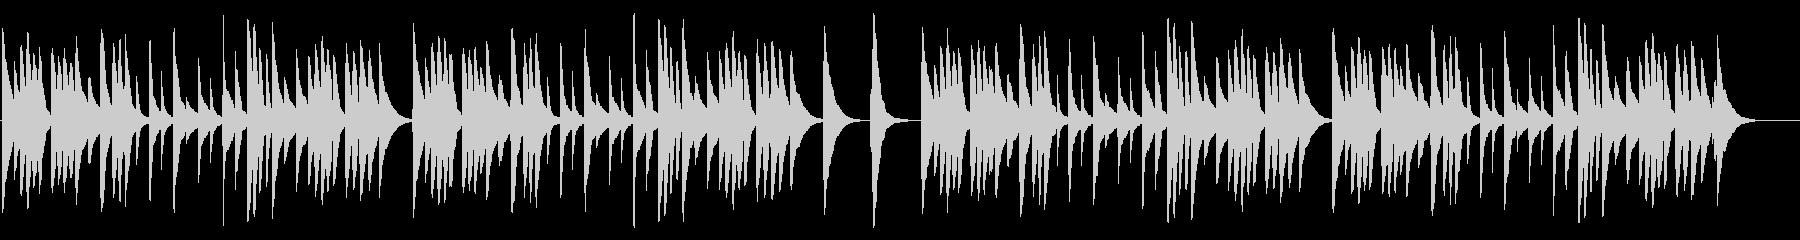 大きな栗の木の下で カード式オルゴールの未再生の波形